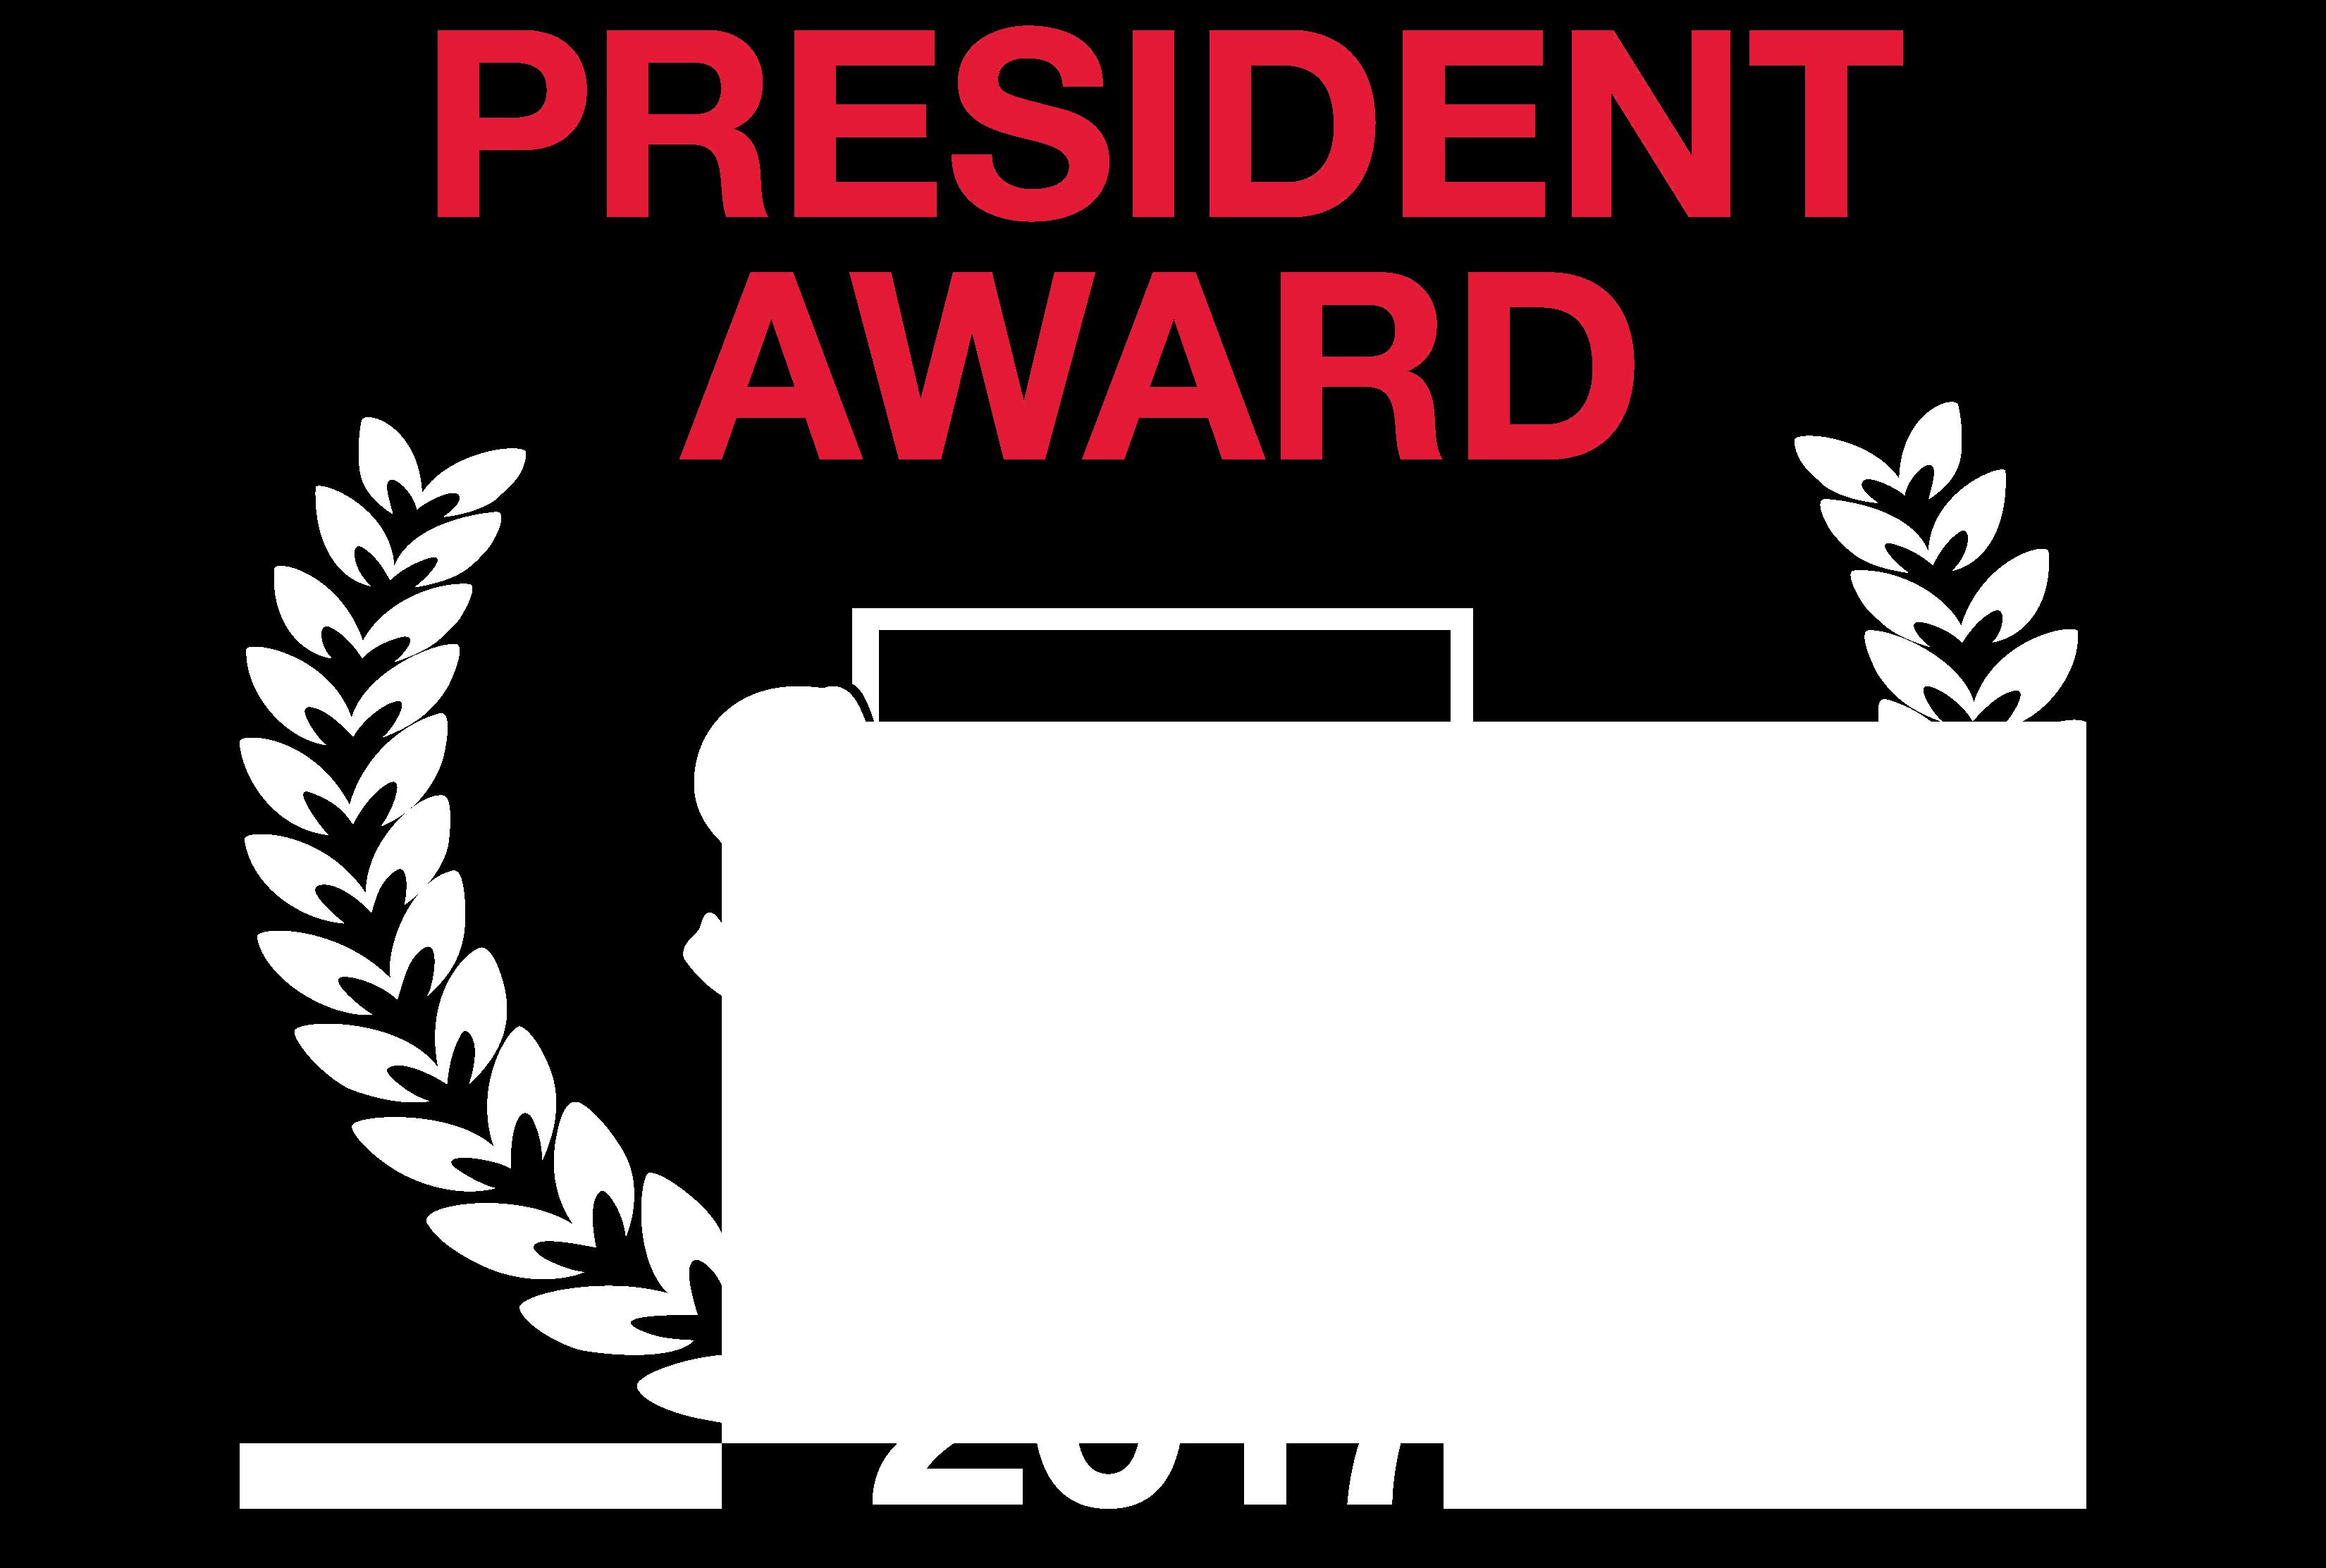 president award 2017